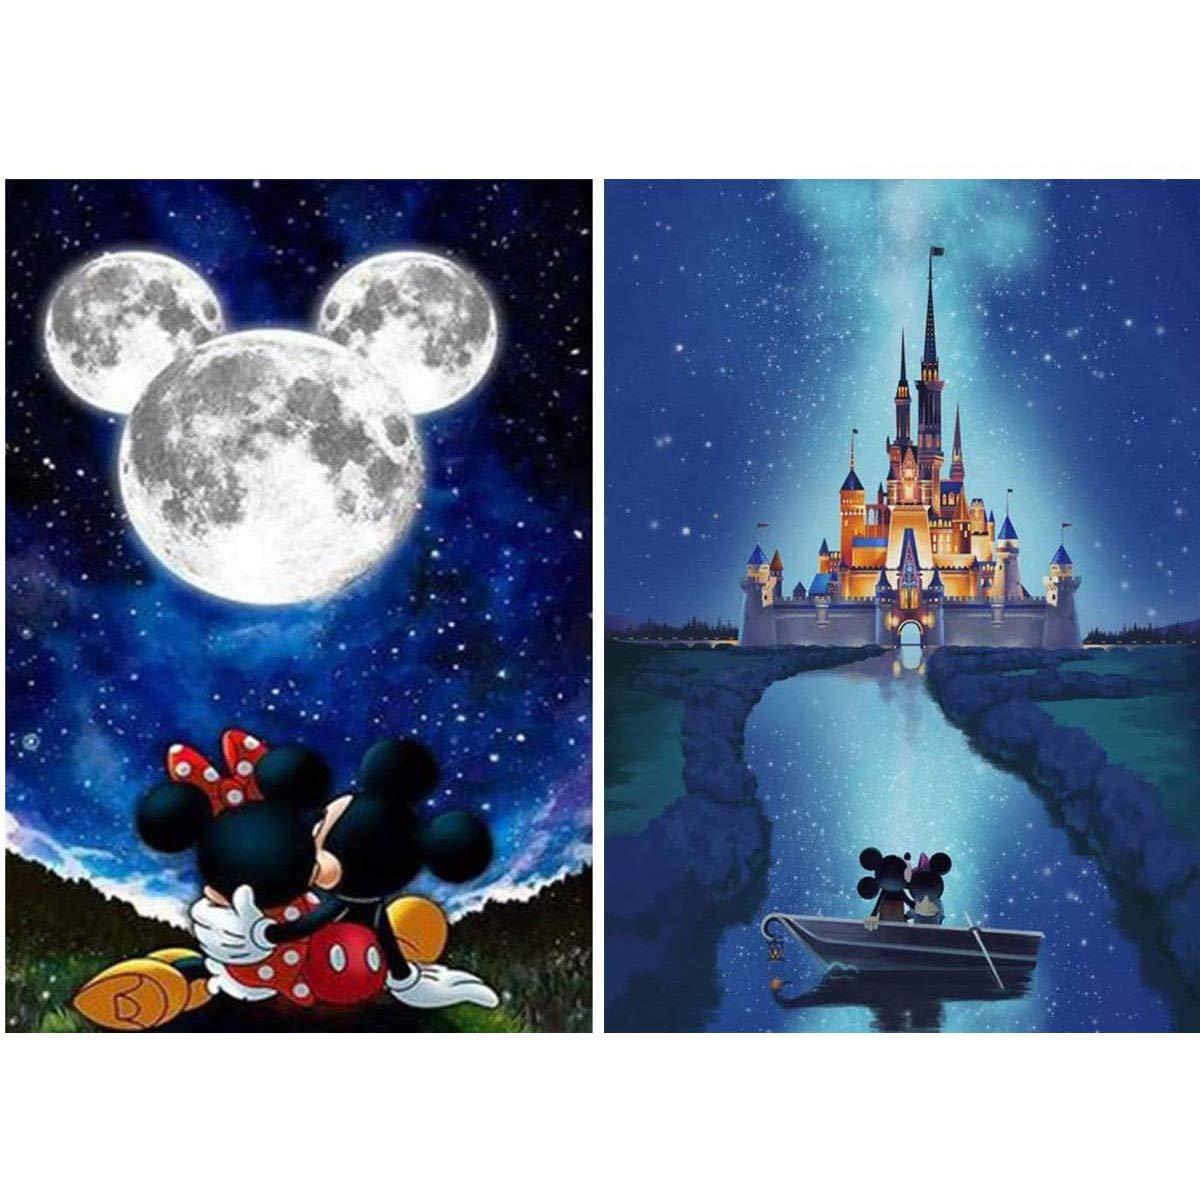 2 Pinturas por Diamantes Kit Completo Disney - 8F9X3N3T